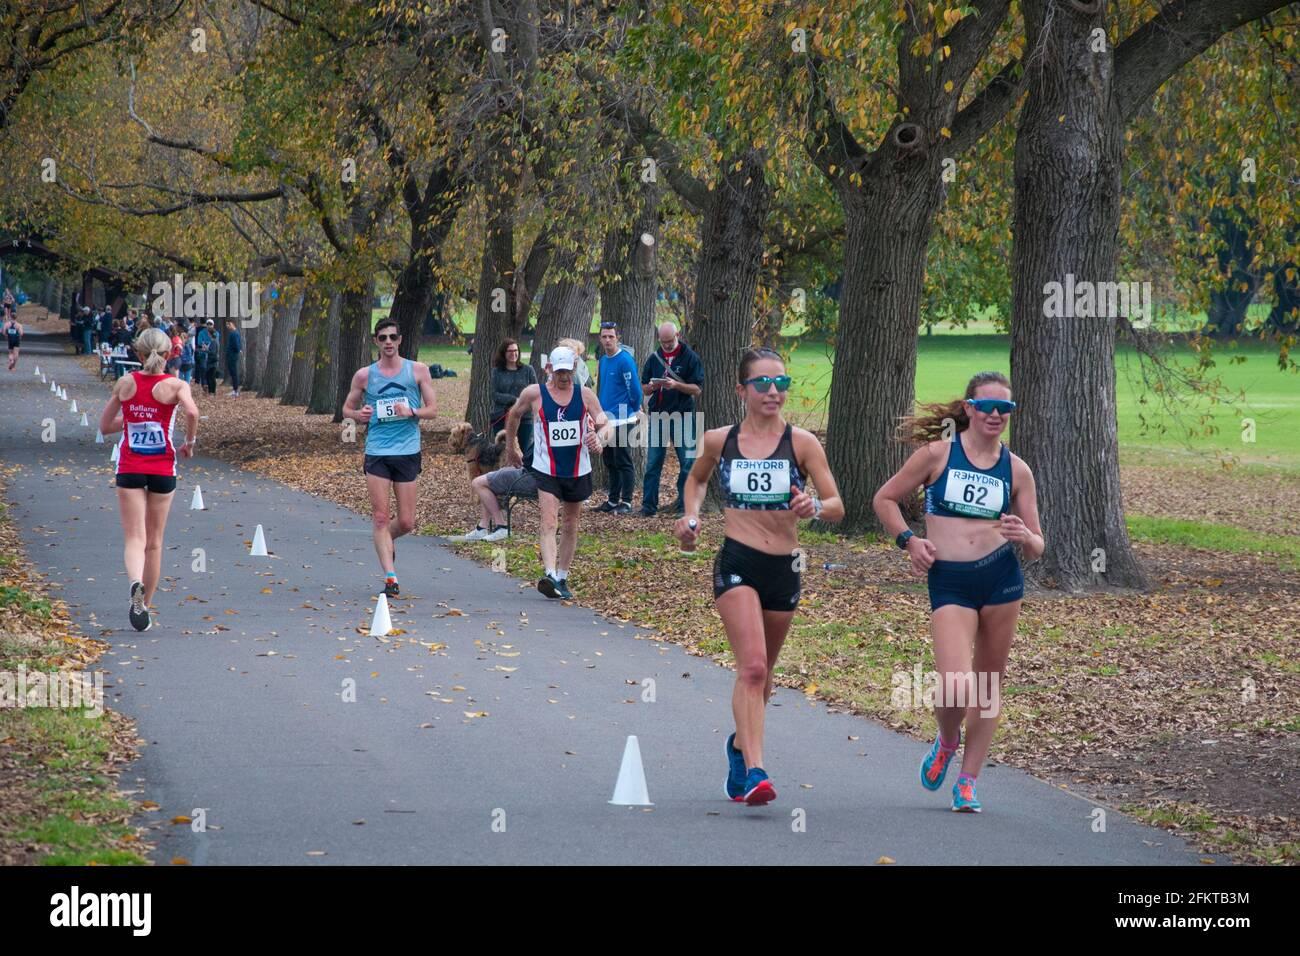 Les marcheurs de course concourent sur un parcours de 20 km autour de Fawkner Park, Melbourne, dimanche 2 mai 2021 Banque D'Images